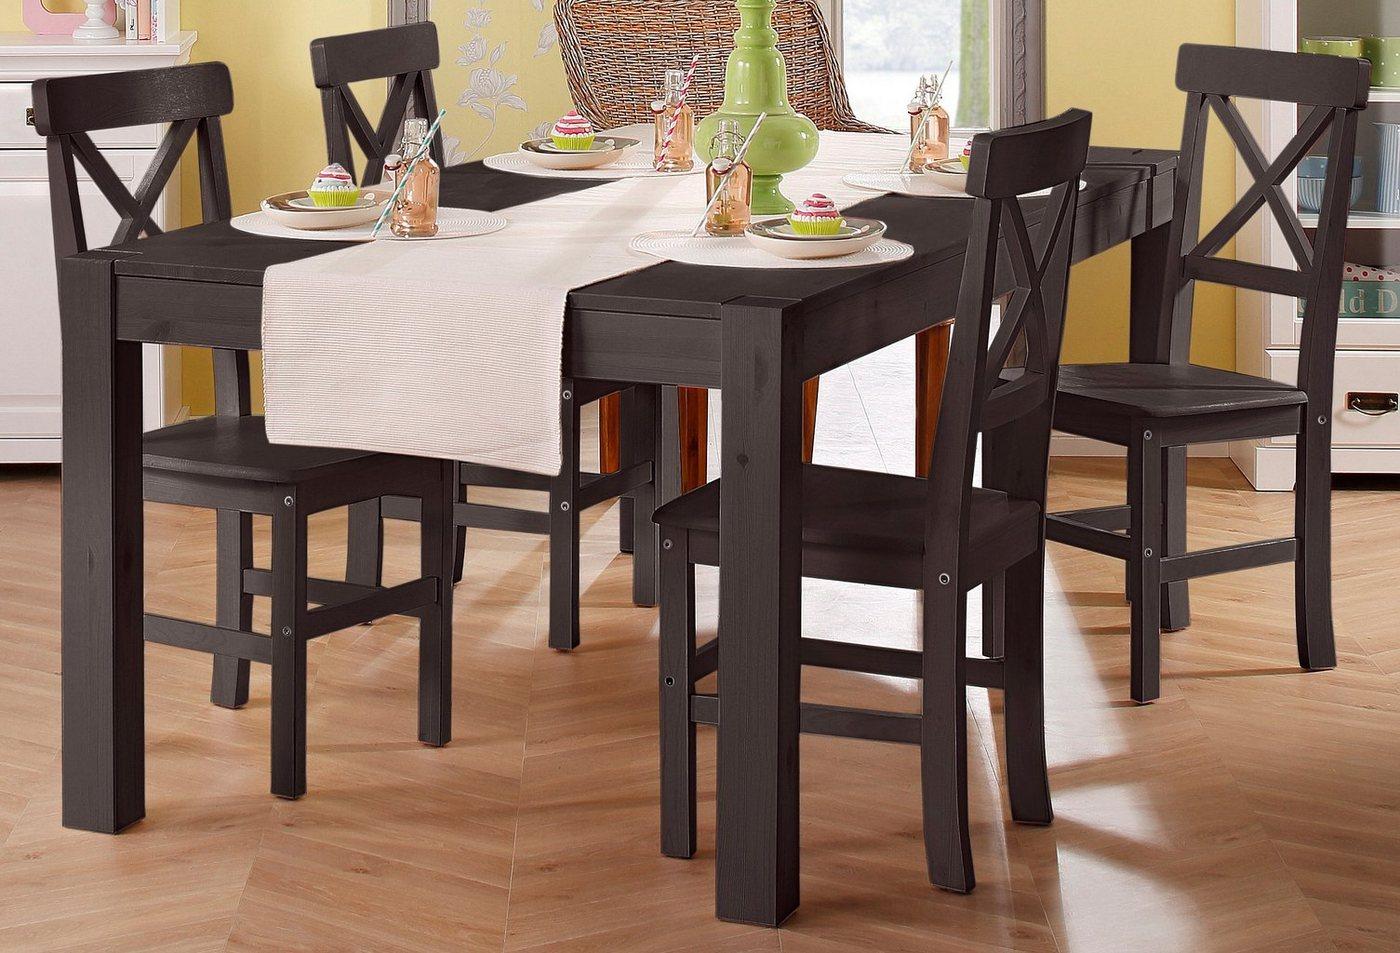 HOME AFFAIRE Eettafel met breedte 140-240 cm